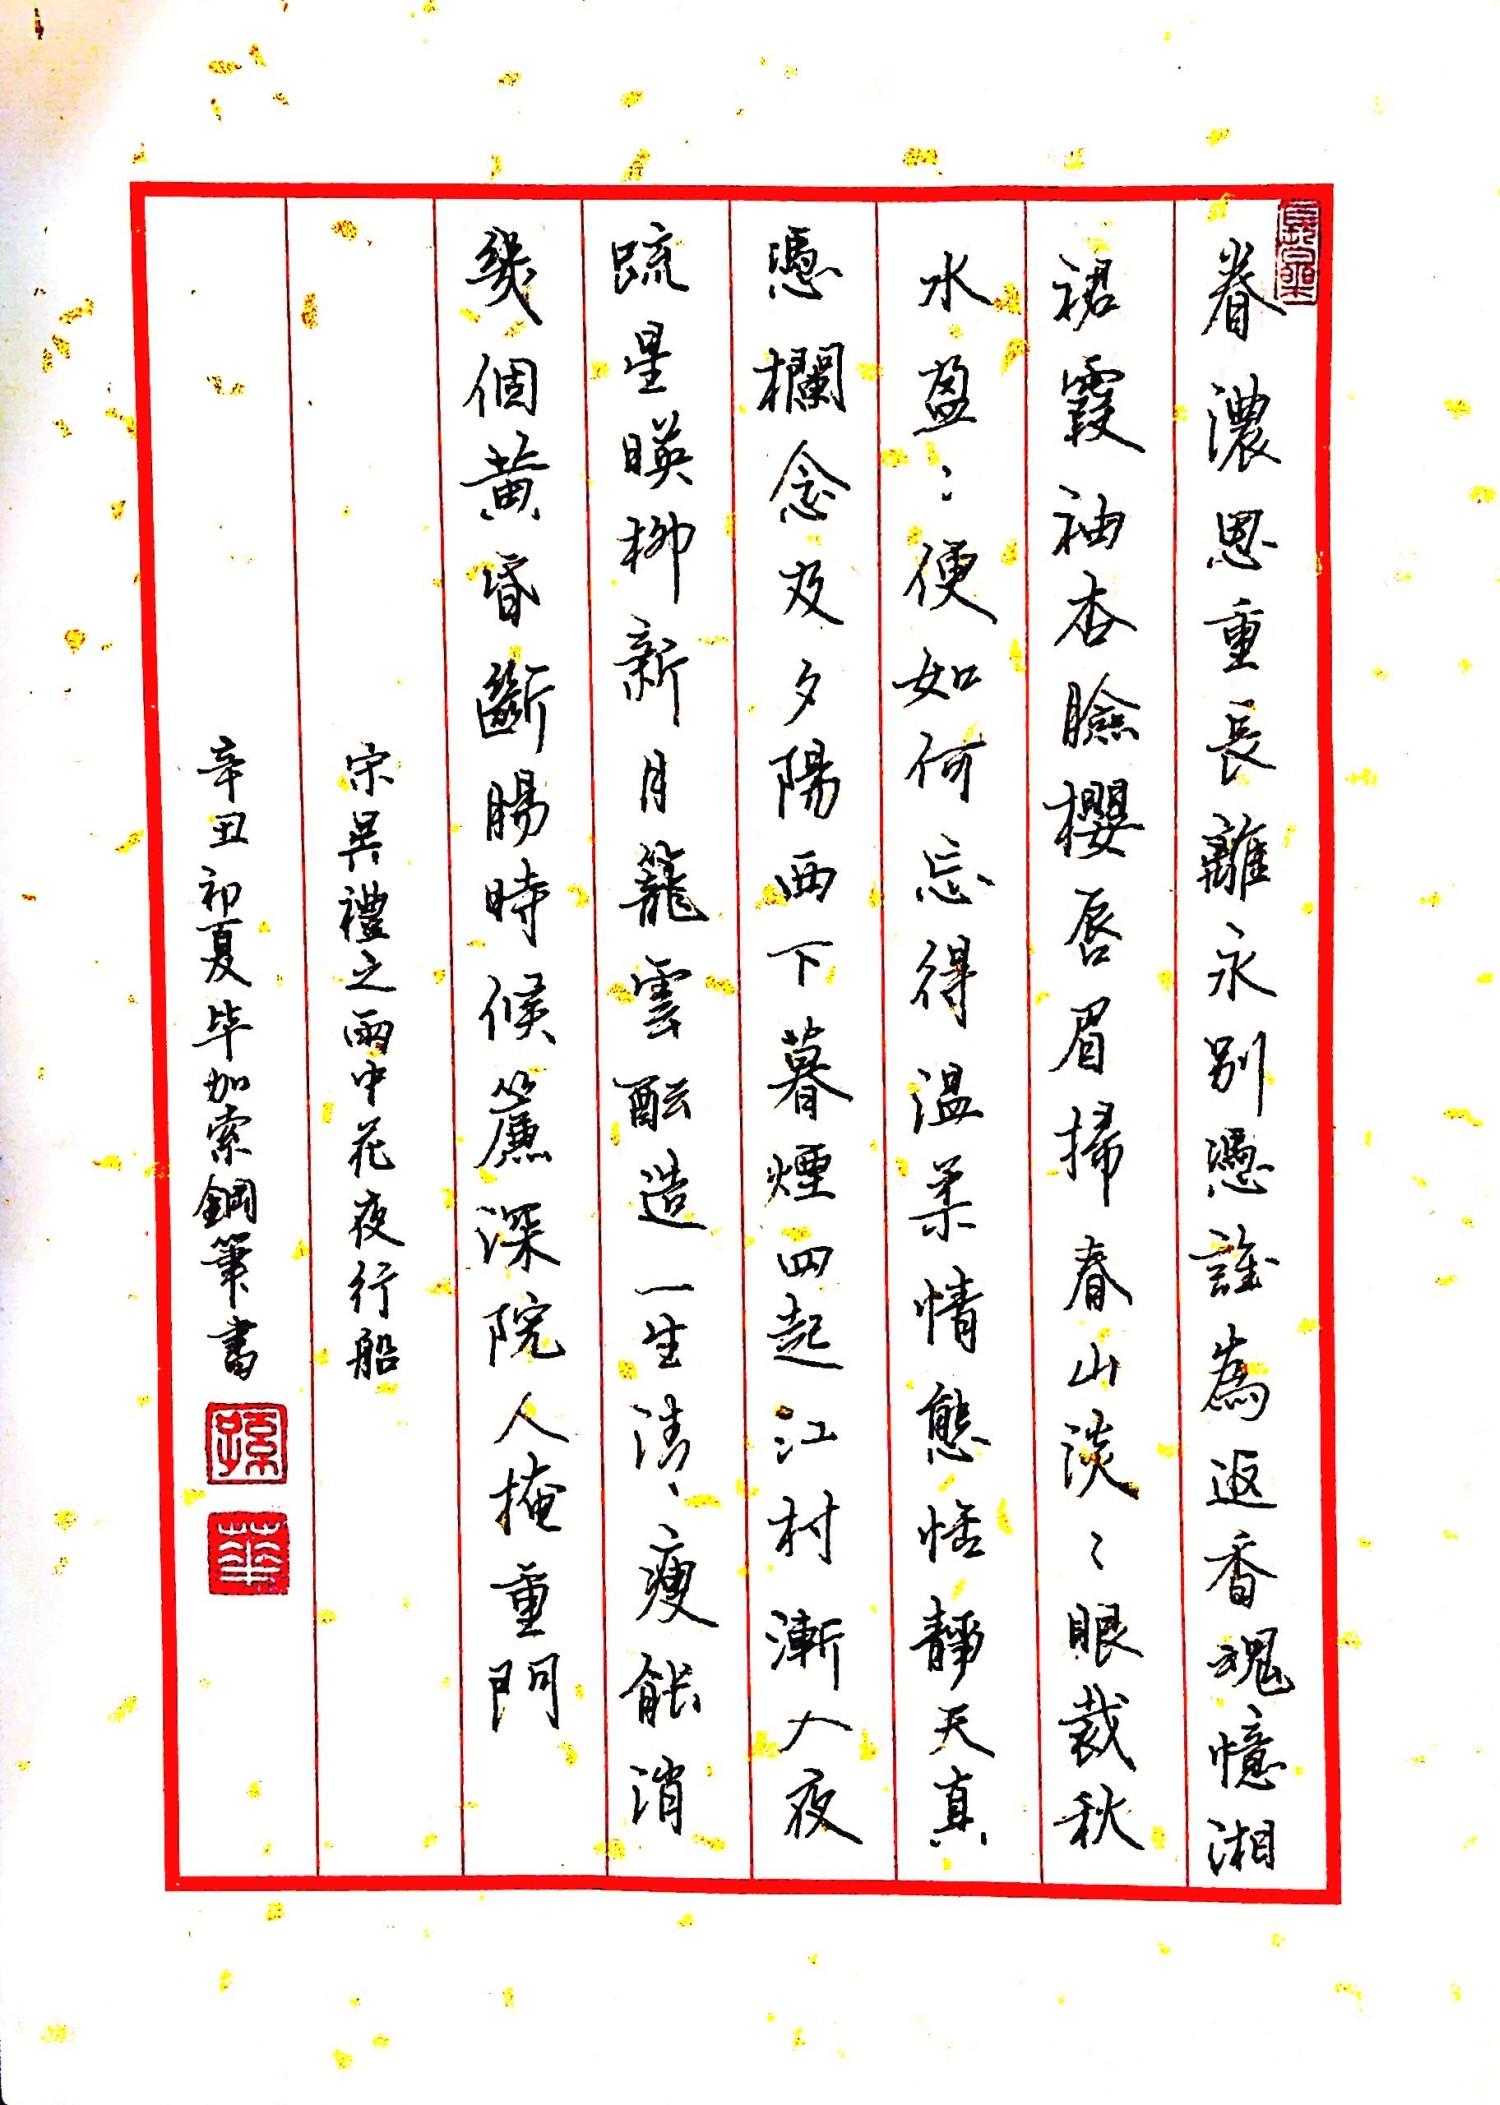 钢笔书法练字打卡20210518-13